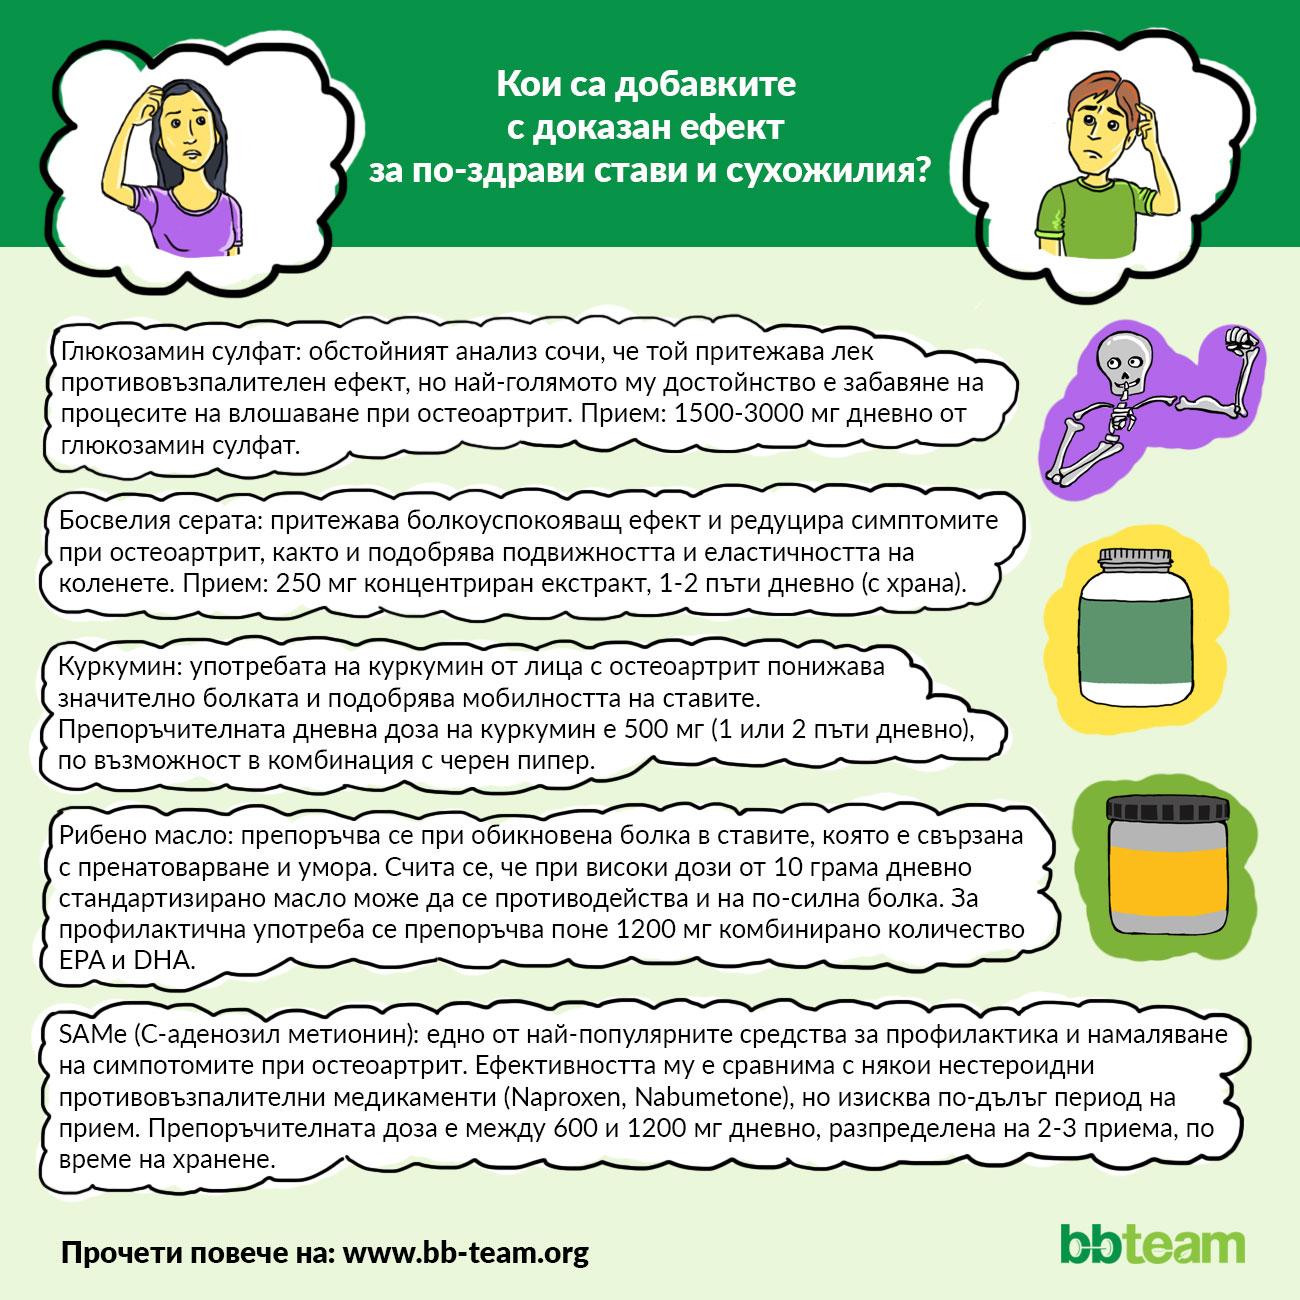 Ки са добавките с доказан ефект за по-здрави стави и сухожилия? [инфографика]